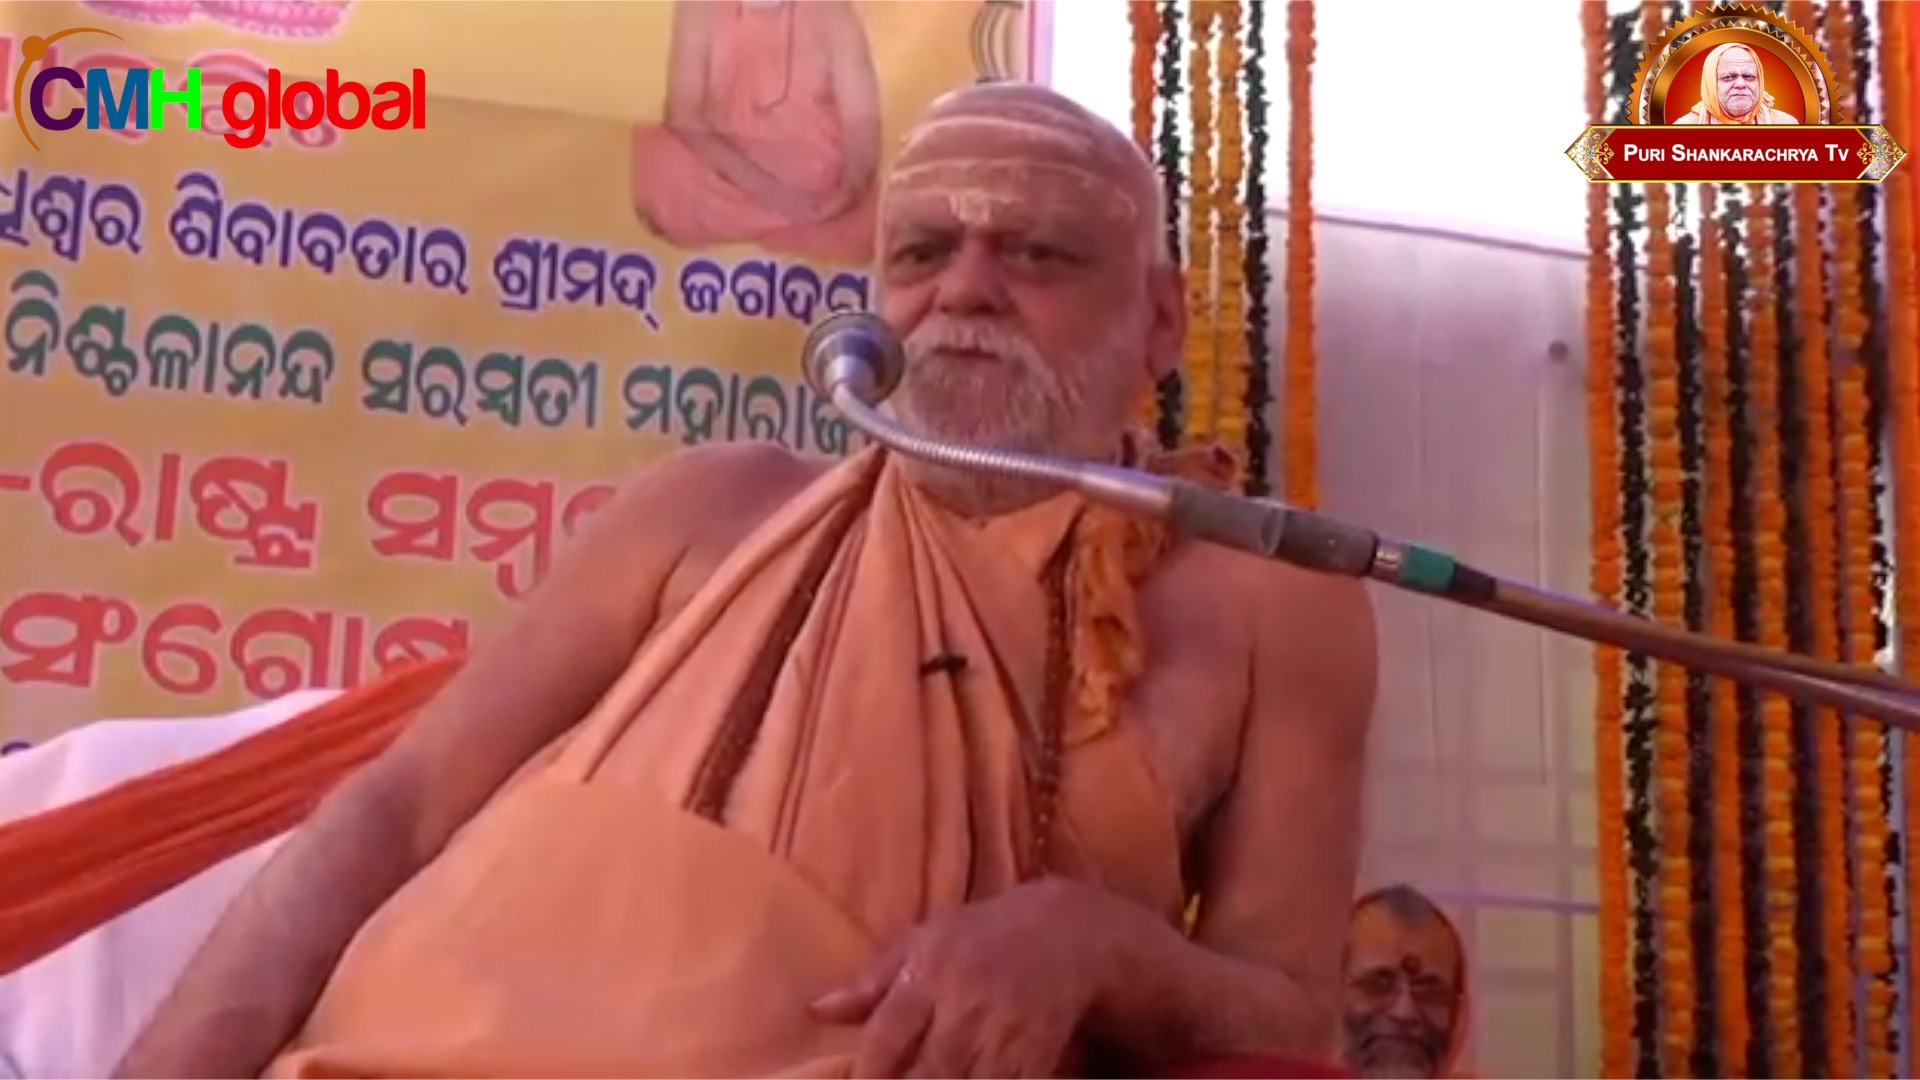 Gyan Dhara Ep -21 by Puri Shankaracharya Swami Nishchalananda Saraswati Ji